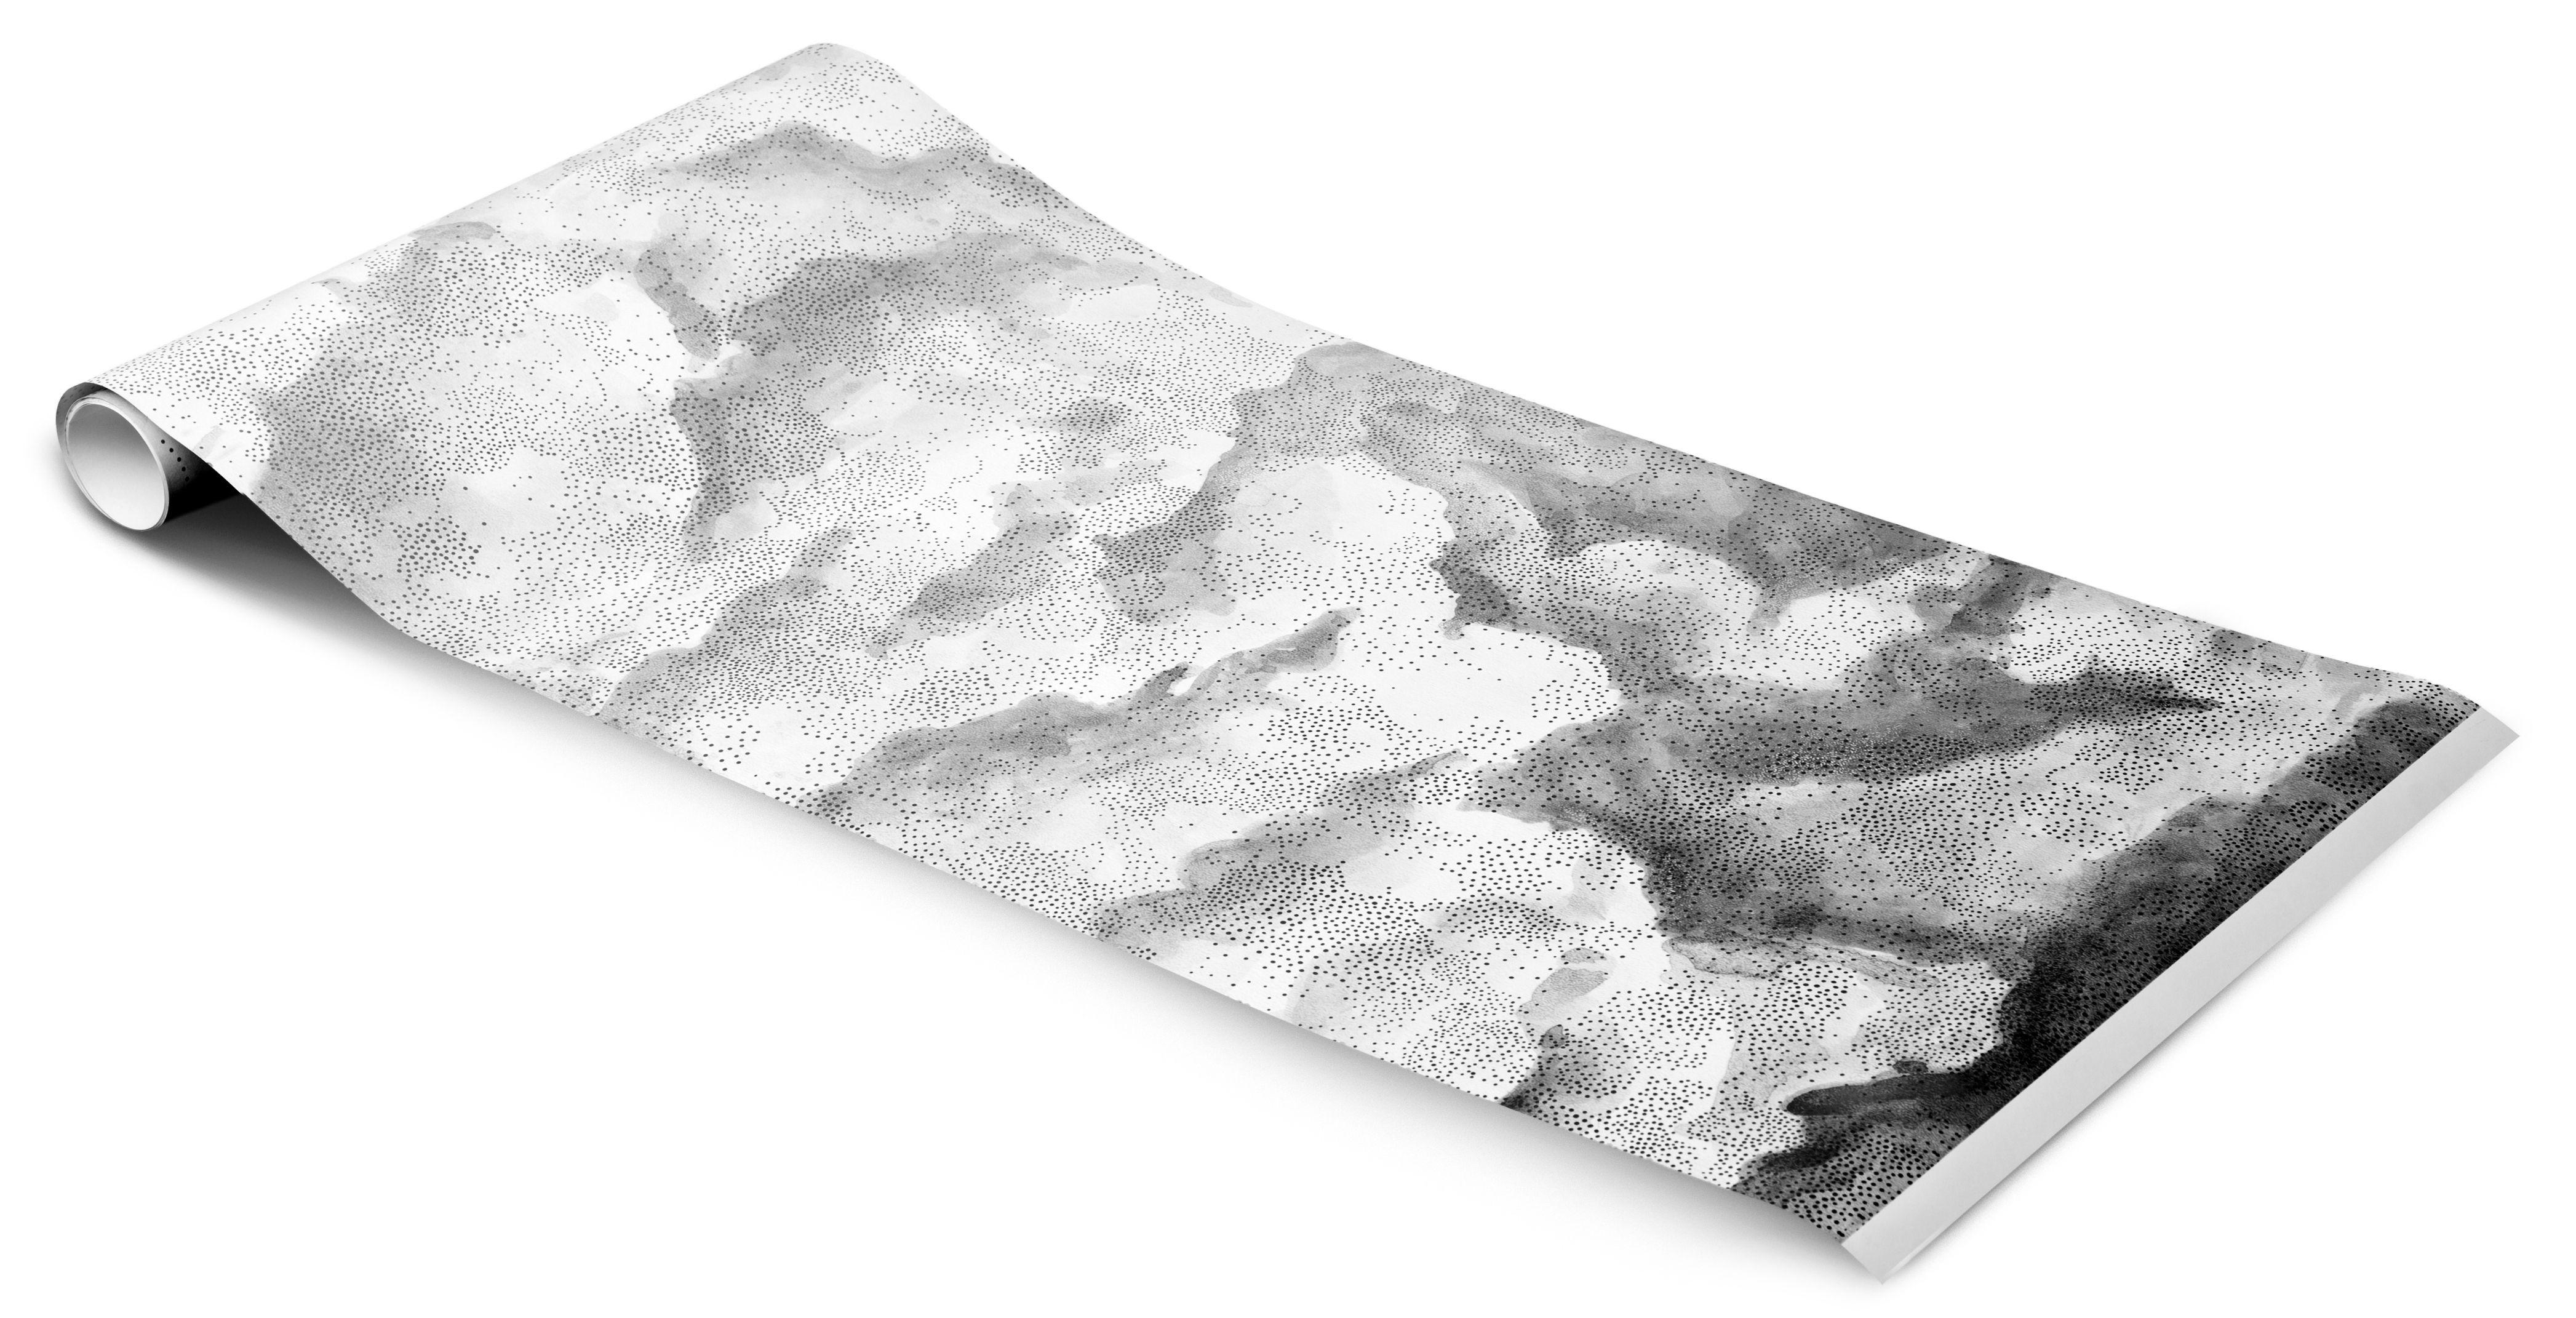 papier peint variation 2 1 rouleau larg 48 cm variation 2 blanc gris petite friture. Black Bedroom Furniture Sets. Home Design Ideas